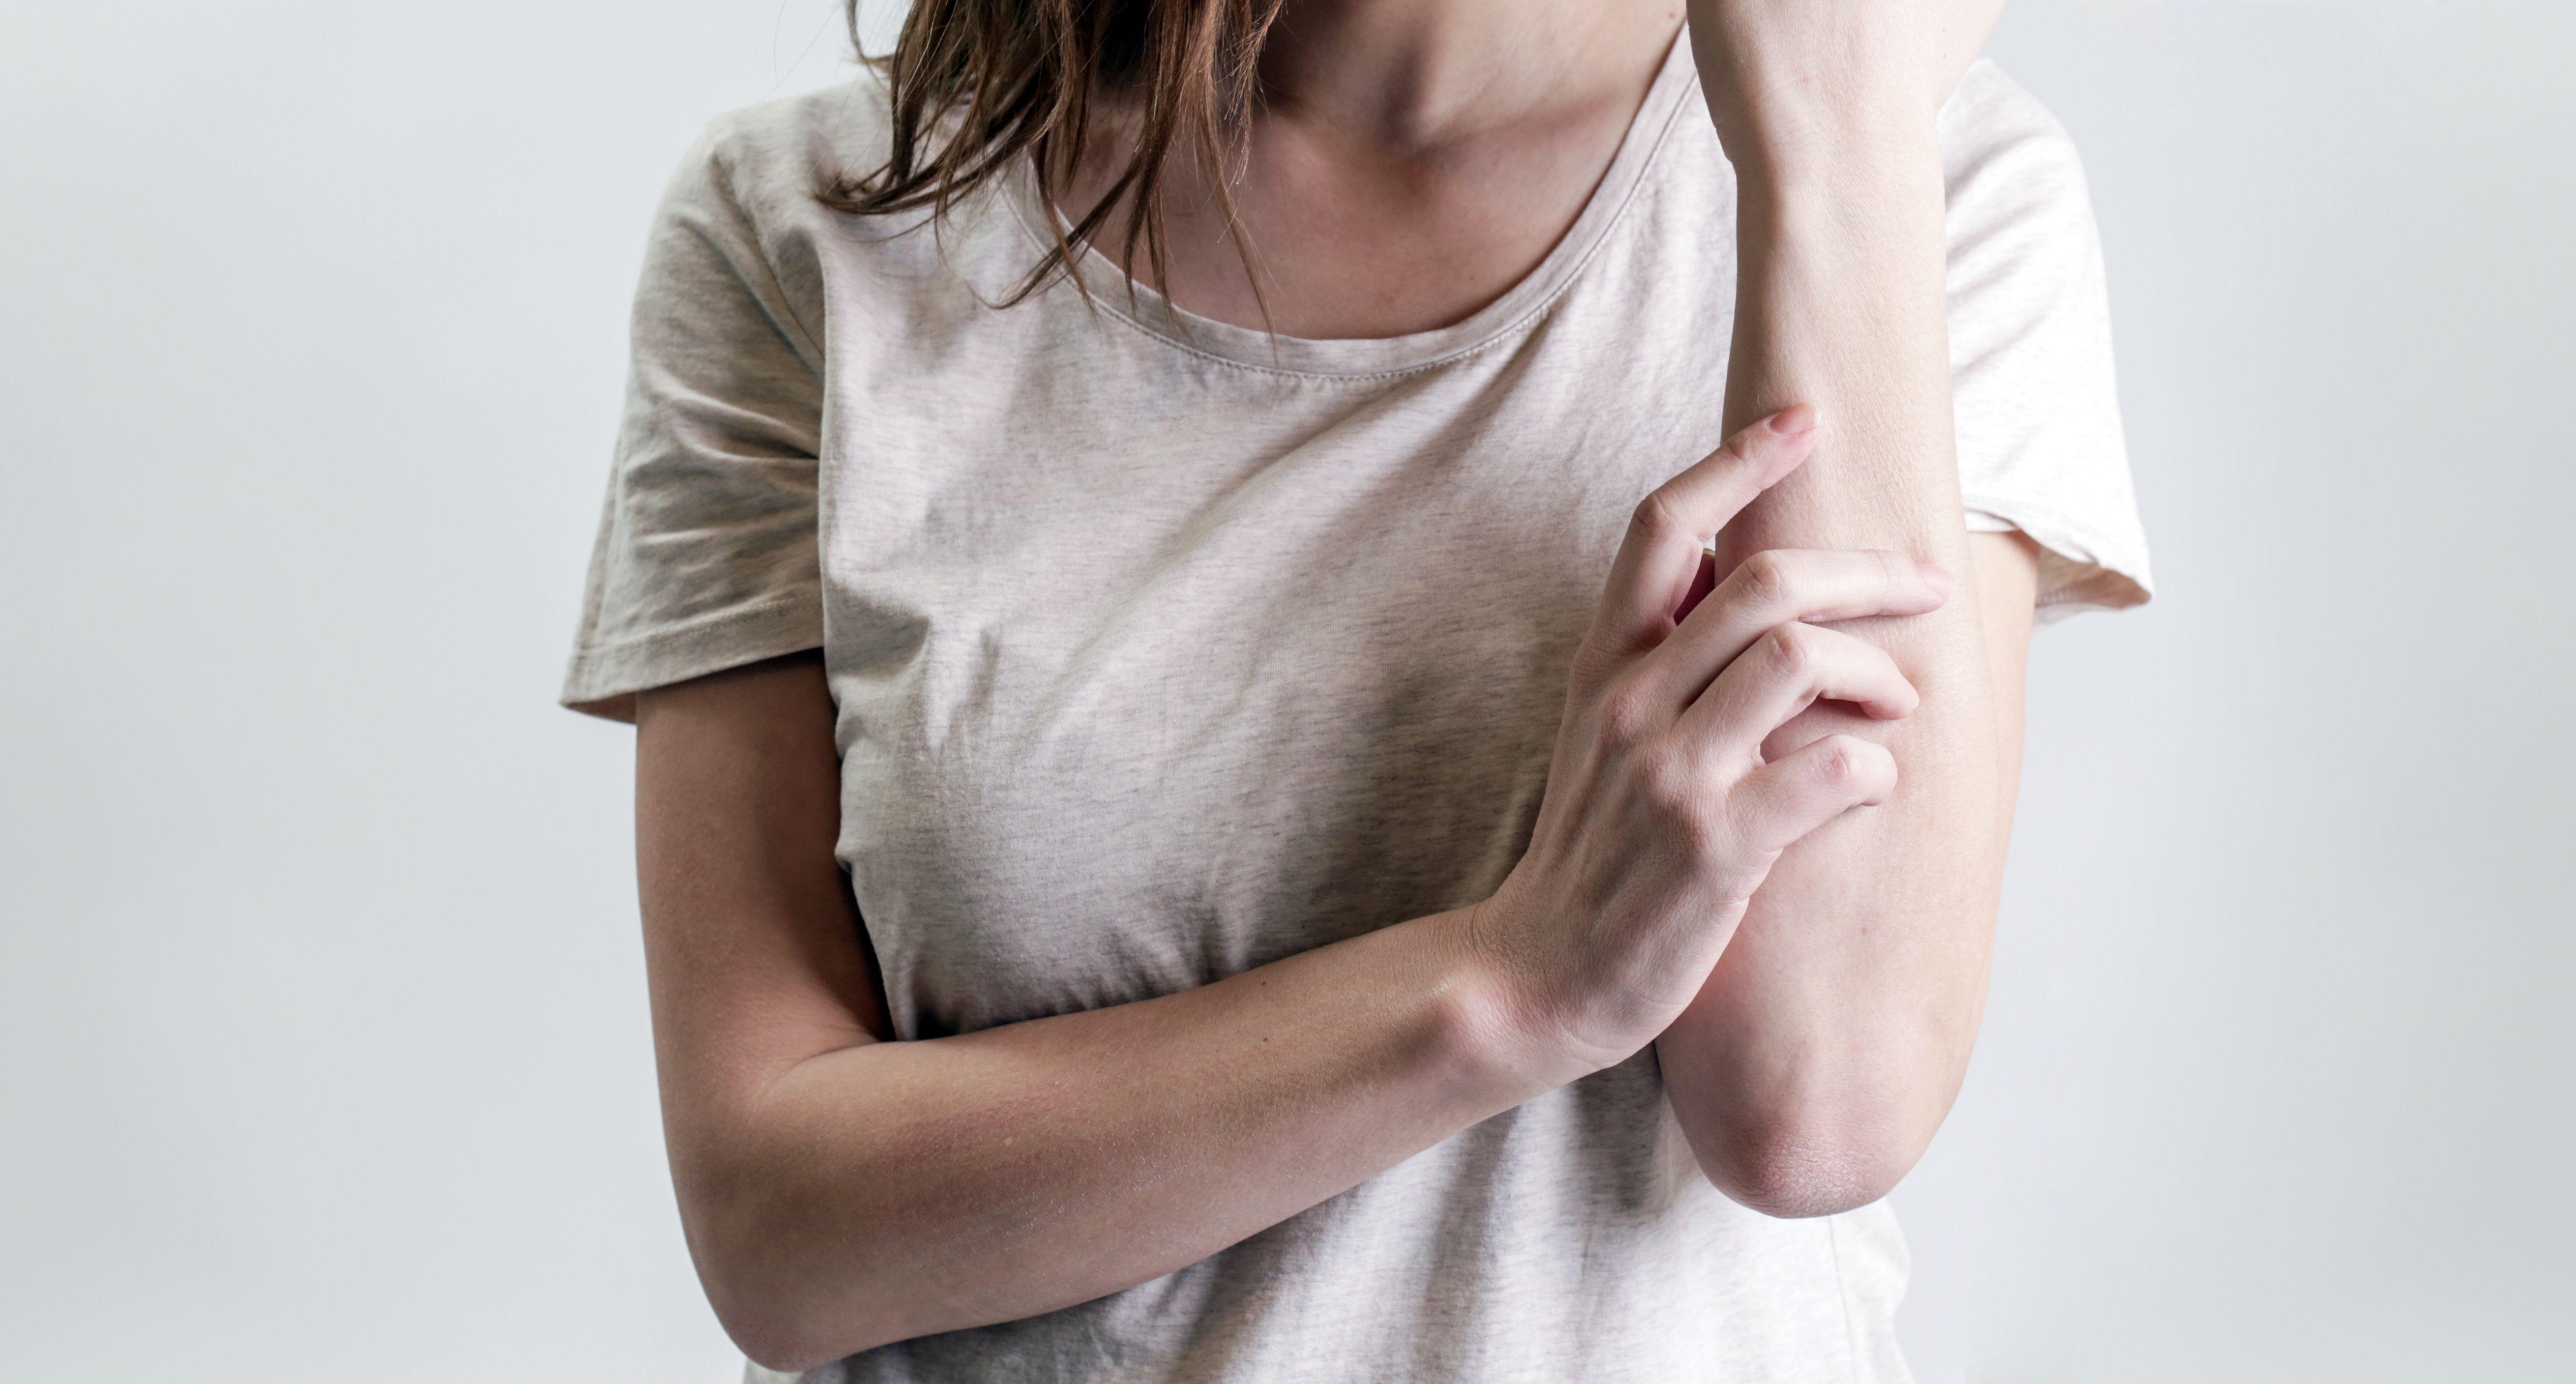 gürtelrose an der schulter